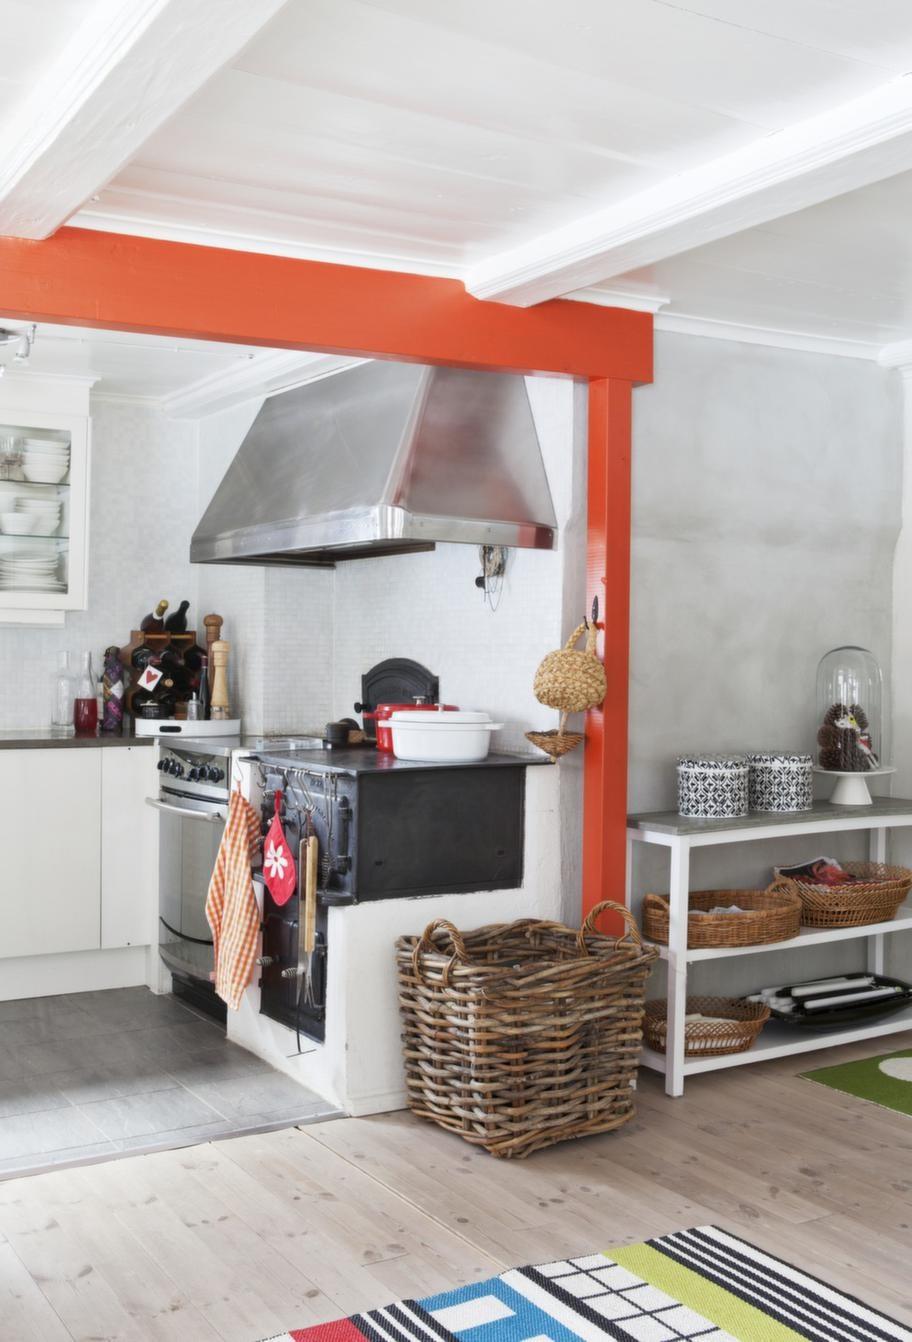 Bjälkarna i taket är målade i en stark orangeröd färg och det ger köket karaktär. Kåpan över spisen är gjord av en lokal plåtslagare.